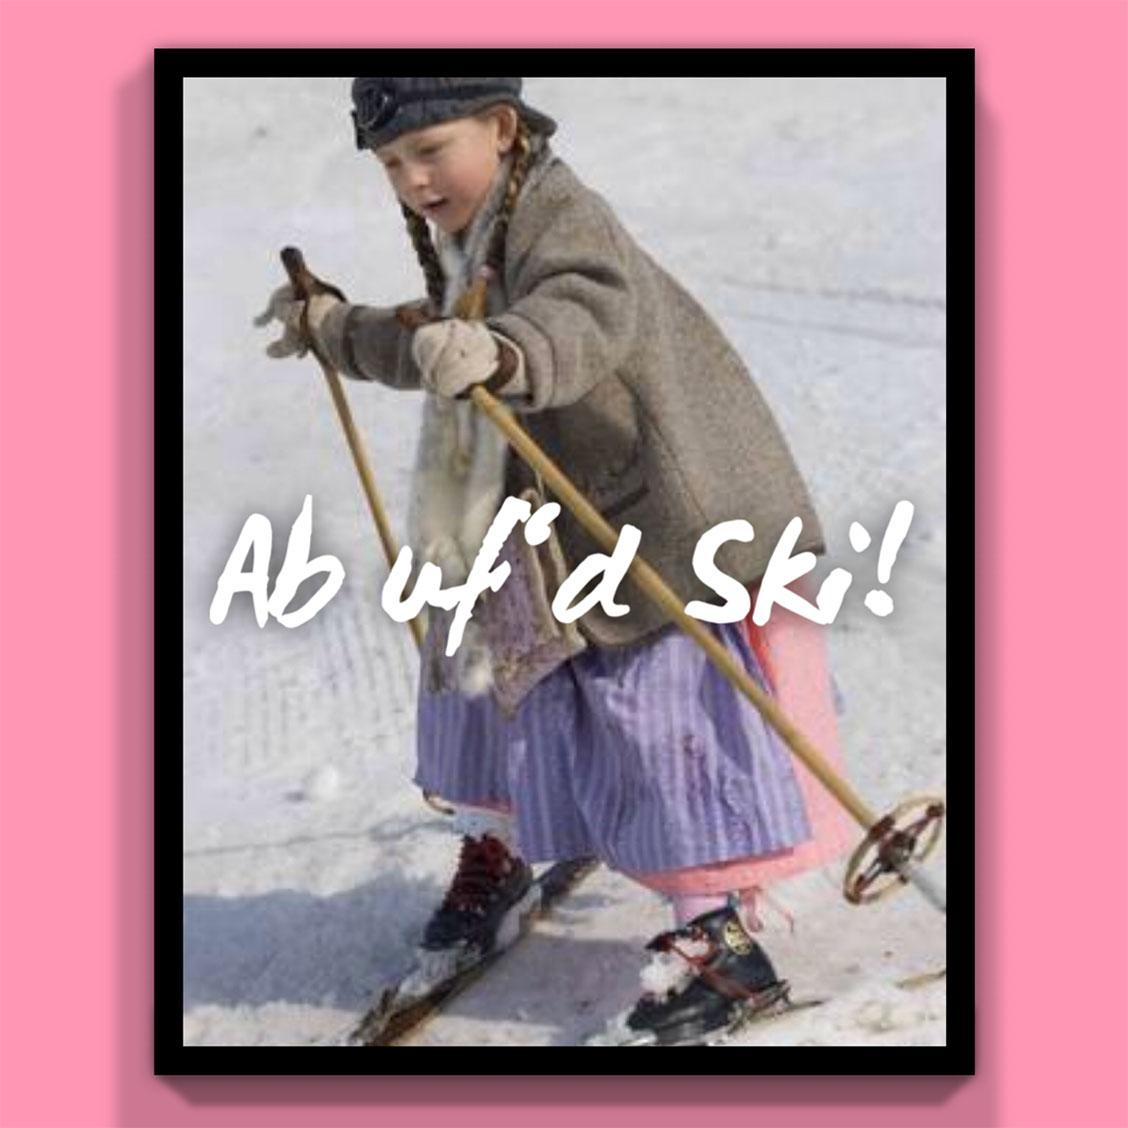 Skifahren ist gesund, oder!?